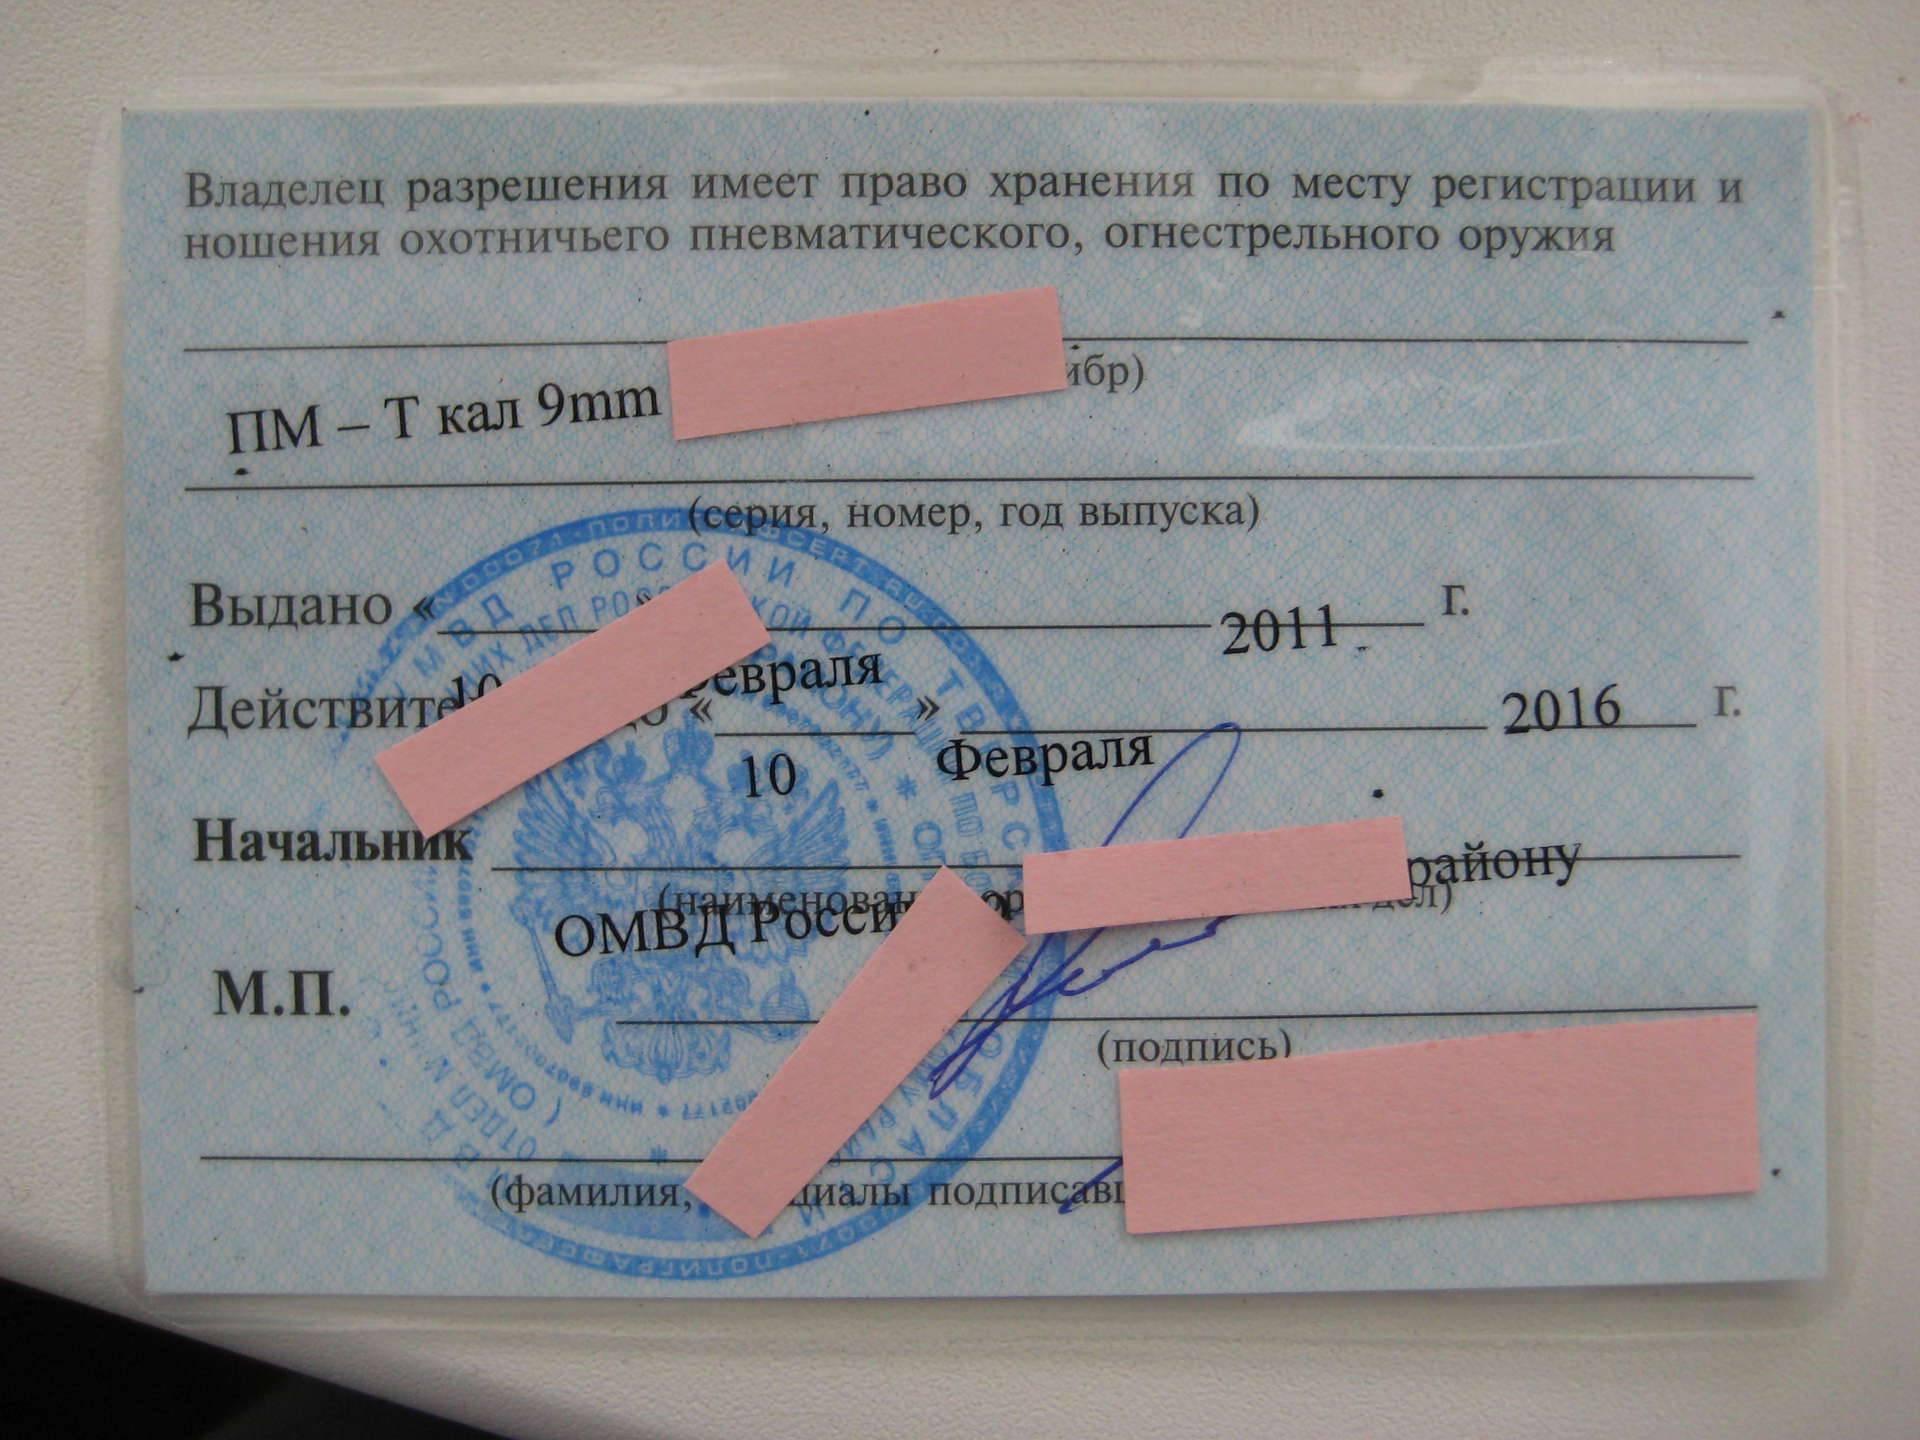 Разрешение на холодное оружие — как получить в 2020 году в россии? какие документы нужны для разрешения на ношение холодного оружия?